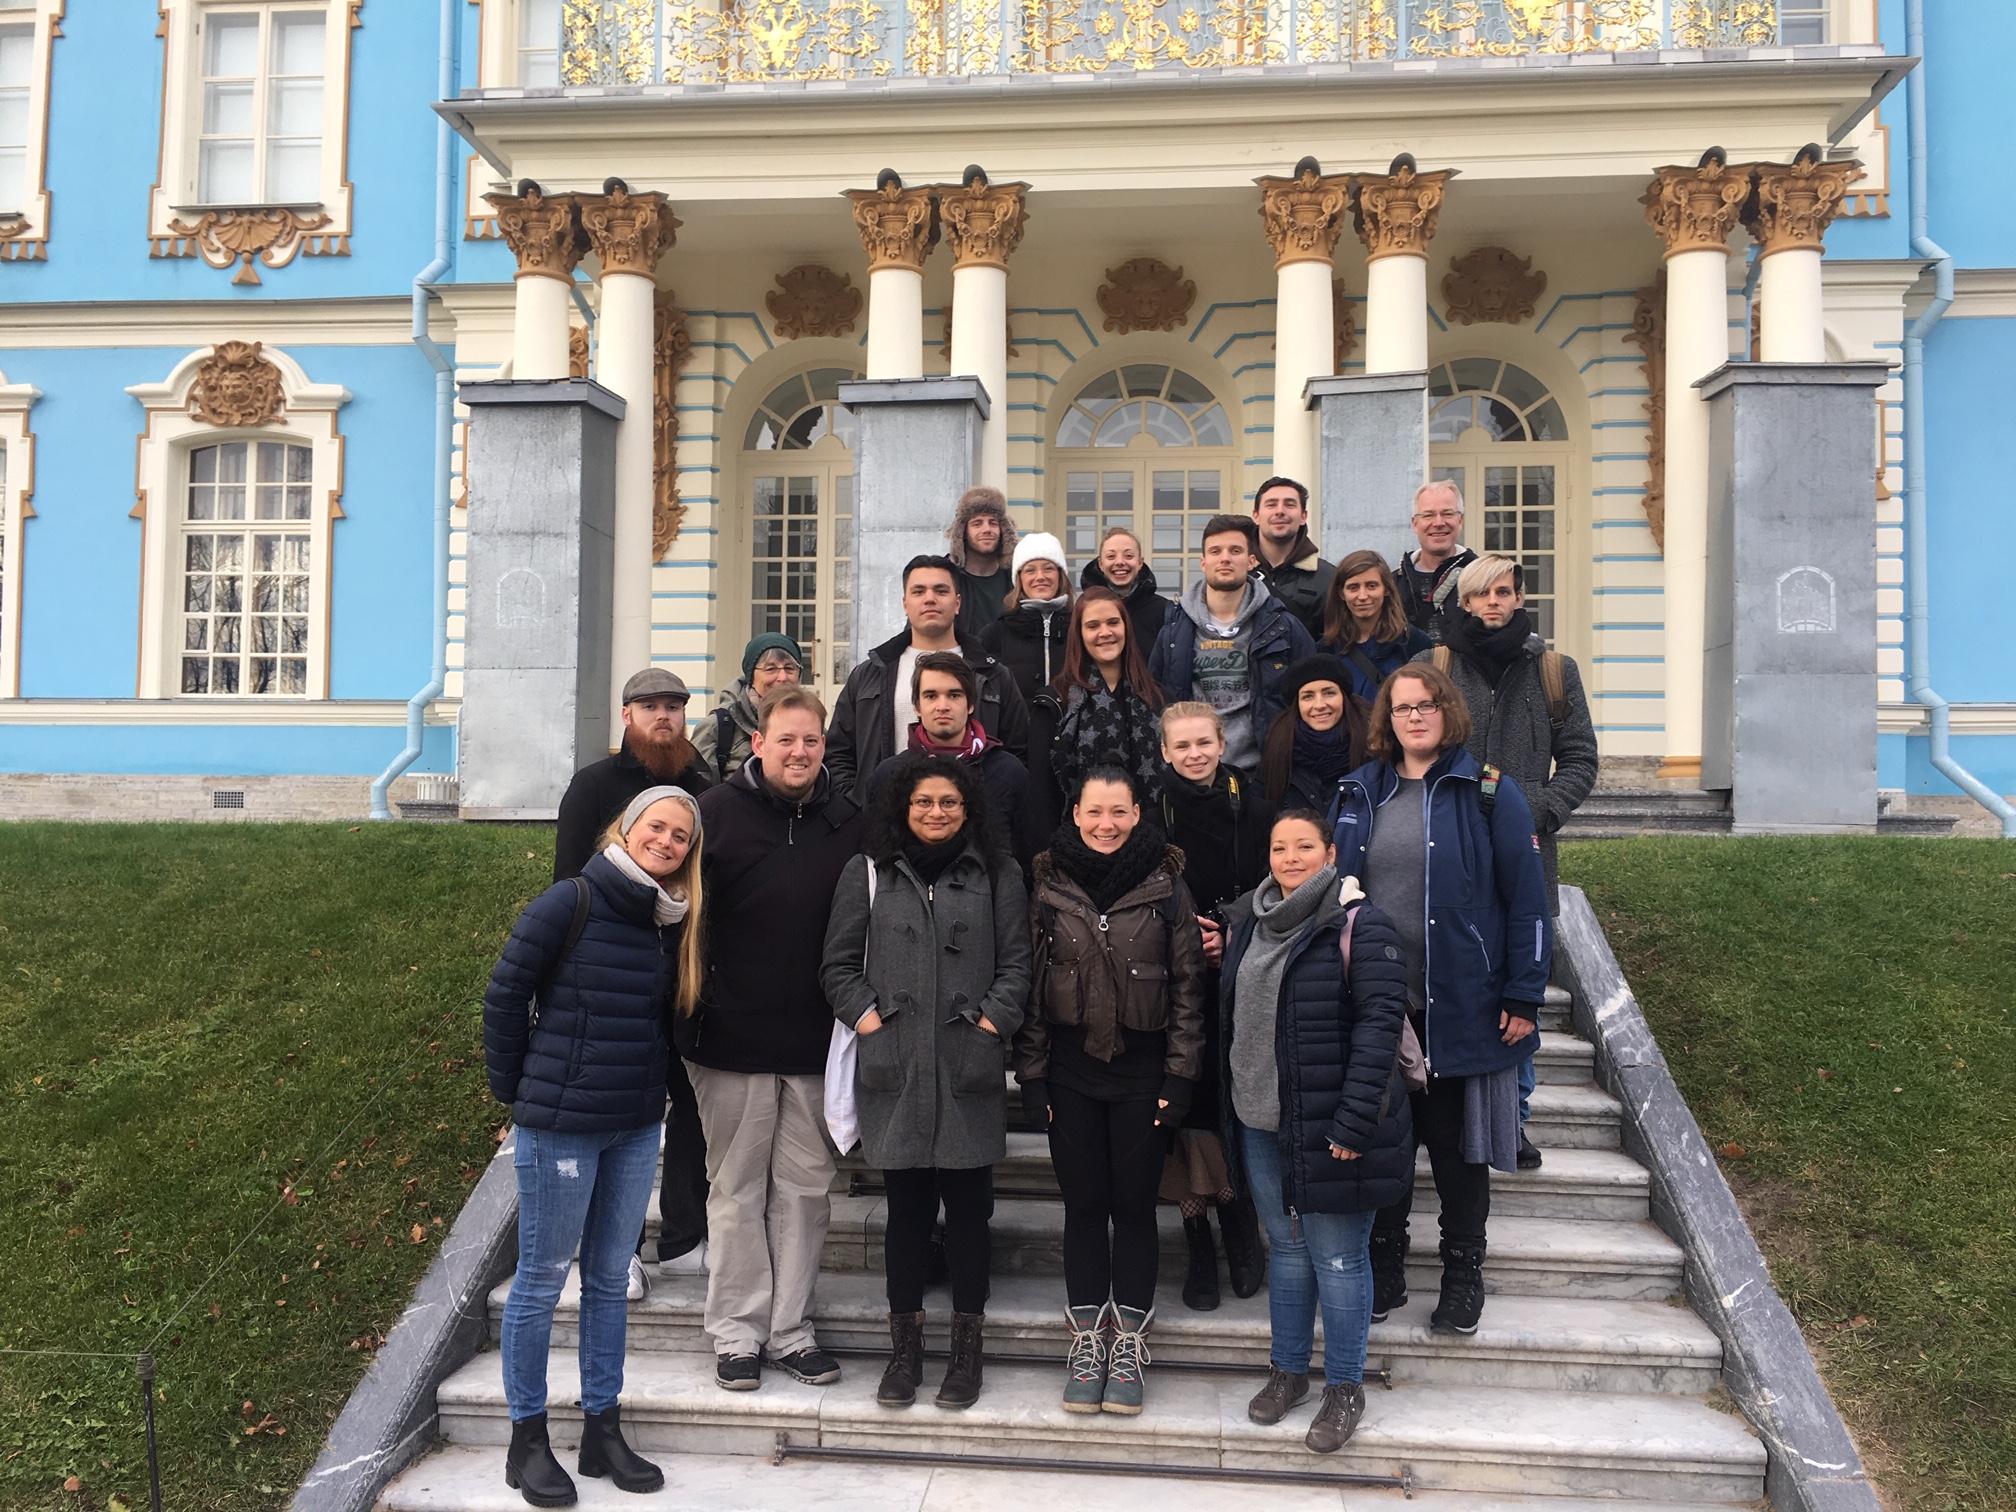 1. Unsere Gruppe vor dem Katharinenpalast, wo sich das rekonstruierte Bernsteinzimmer befindet.